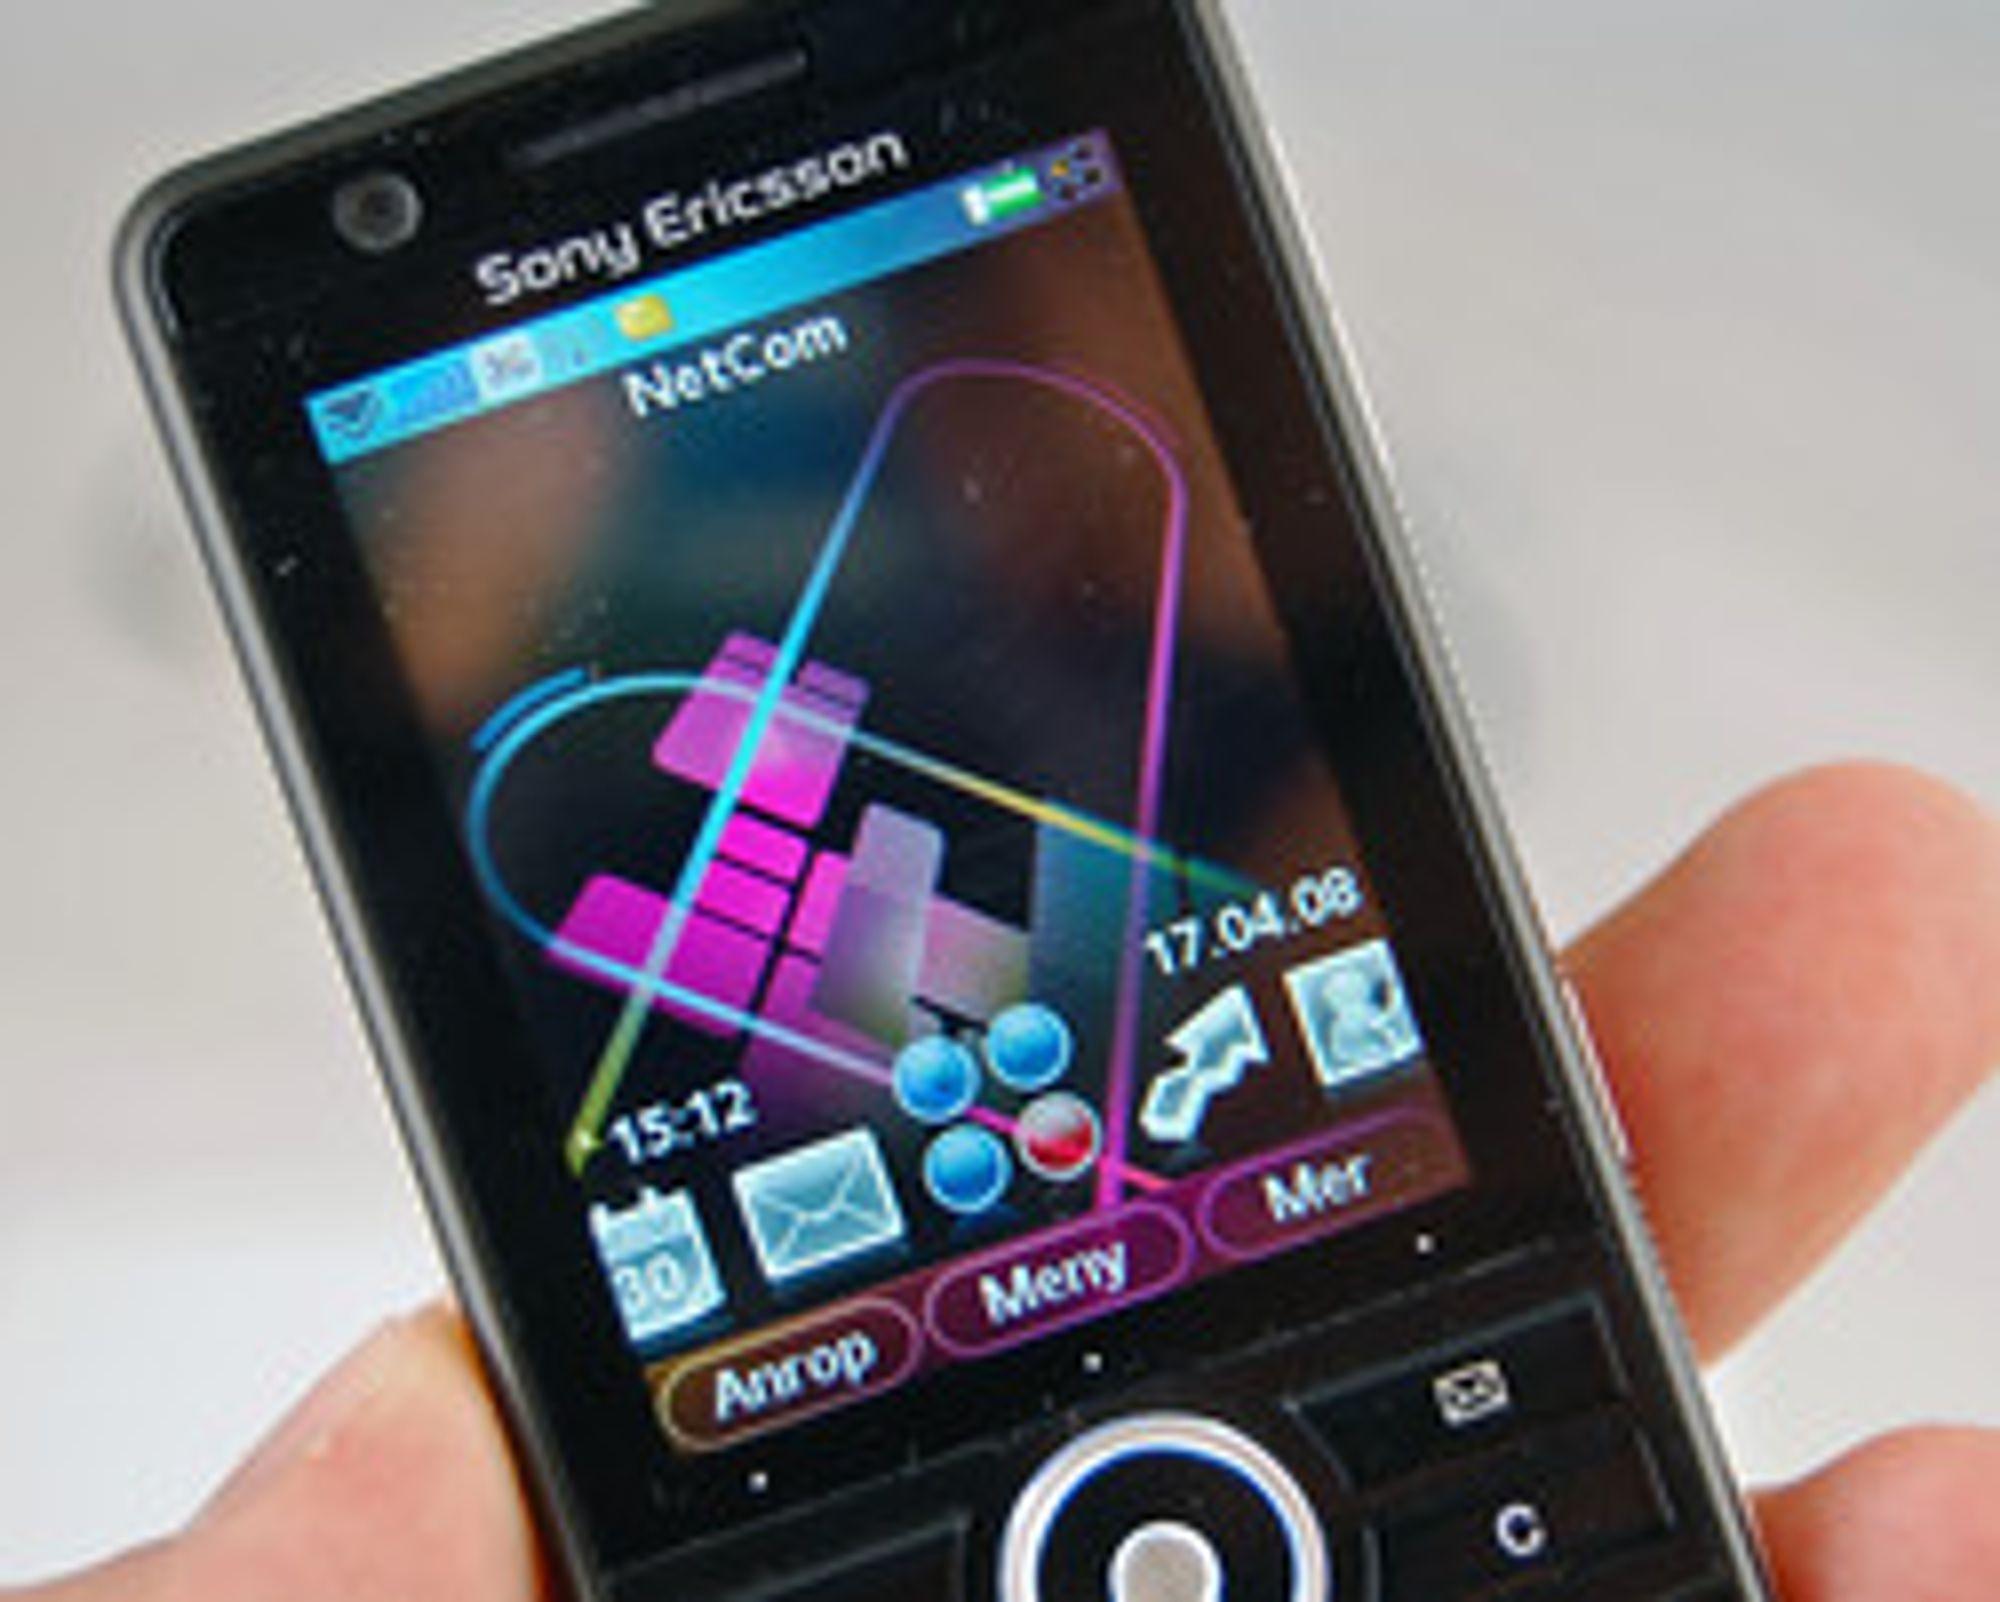 Sony Ericsson G900 var en av de siste UIQ-telefonene som ble lansert.